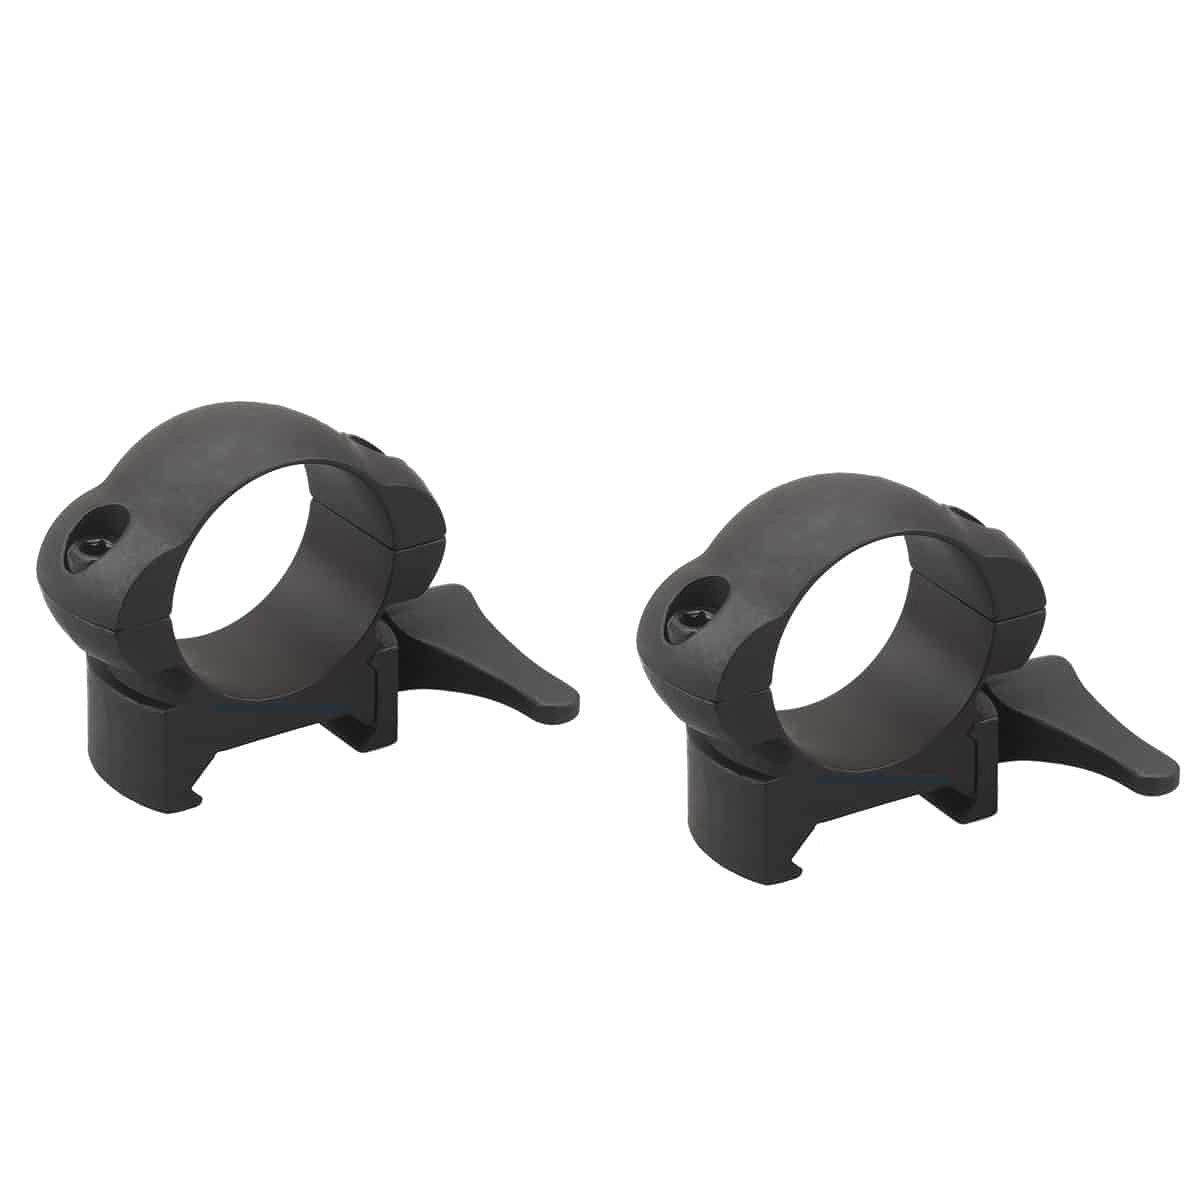 ベクターオプティクス スコープマウント 25.4mm 1″ Steel LowWeaver Rings  Vector Optics SCSR-01